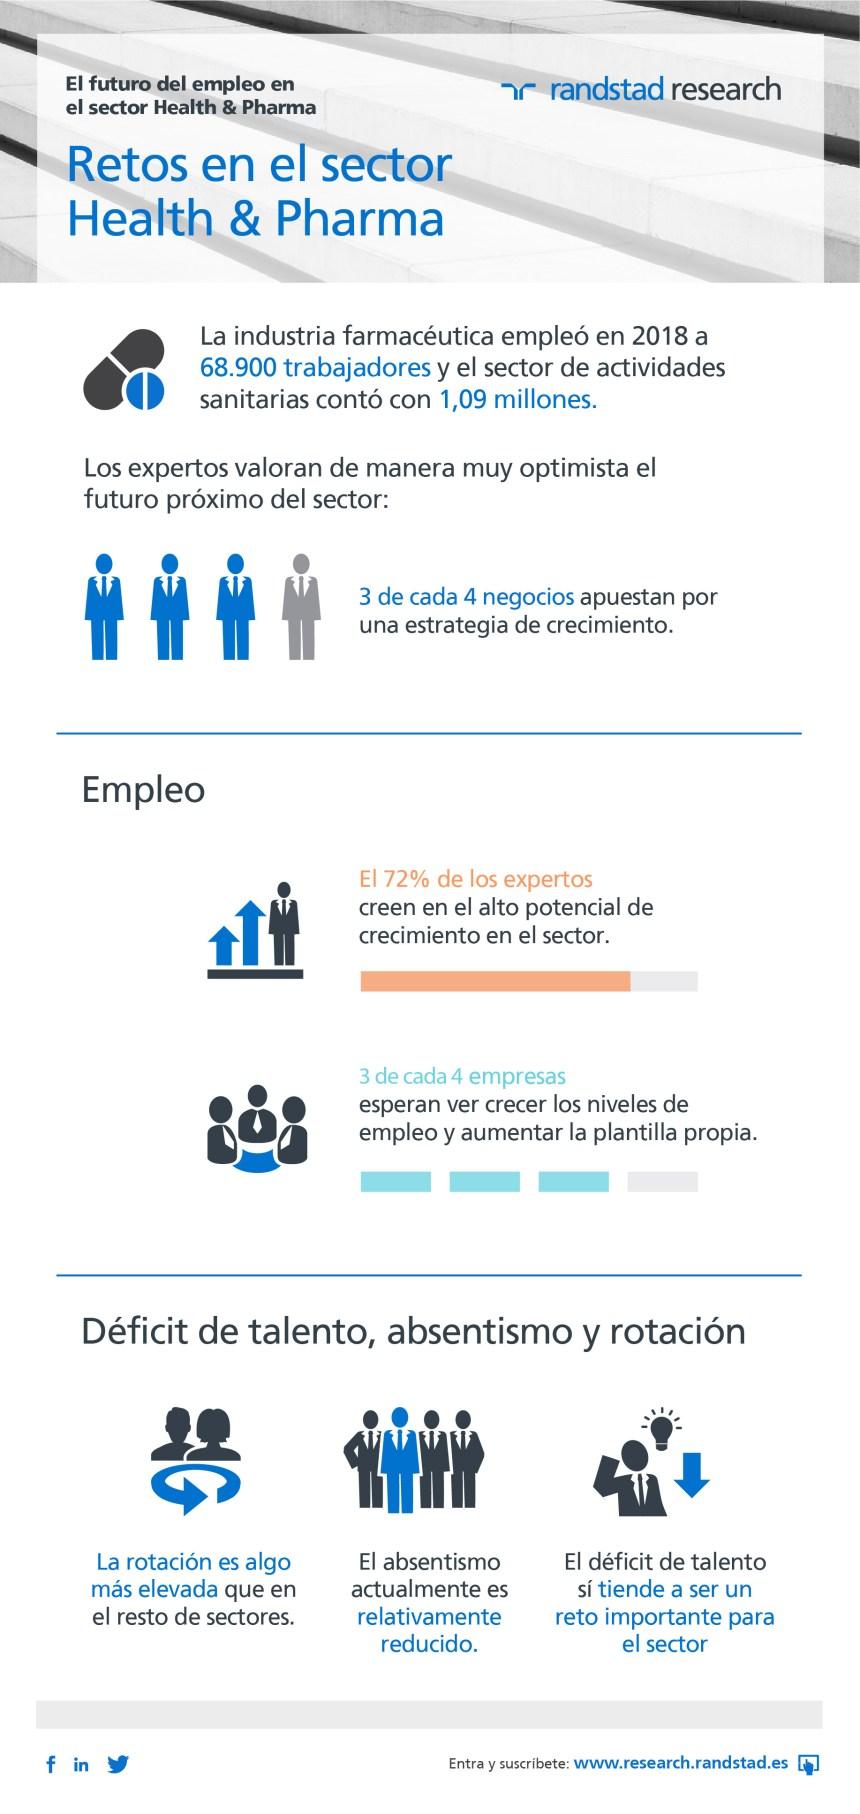 El futuro del empleo en el sector Health & Pharma